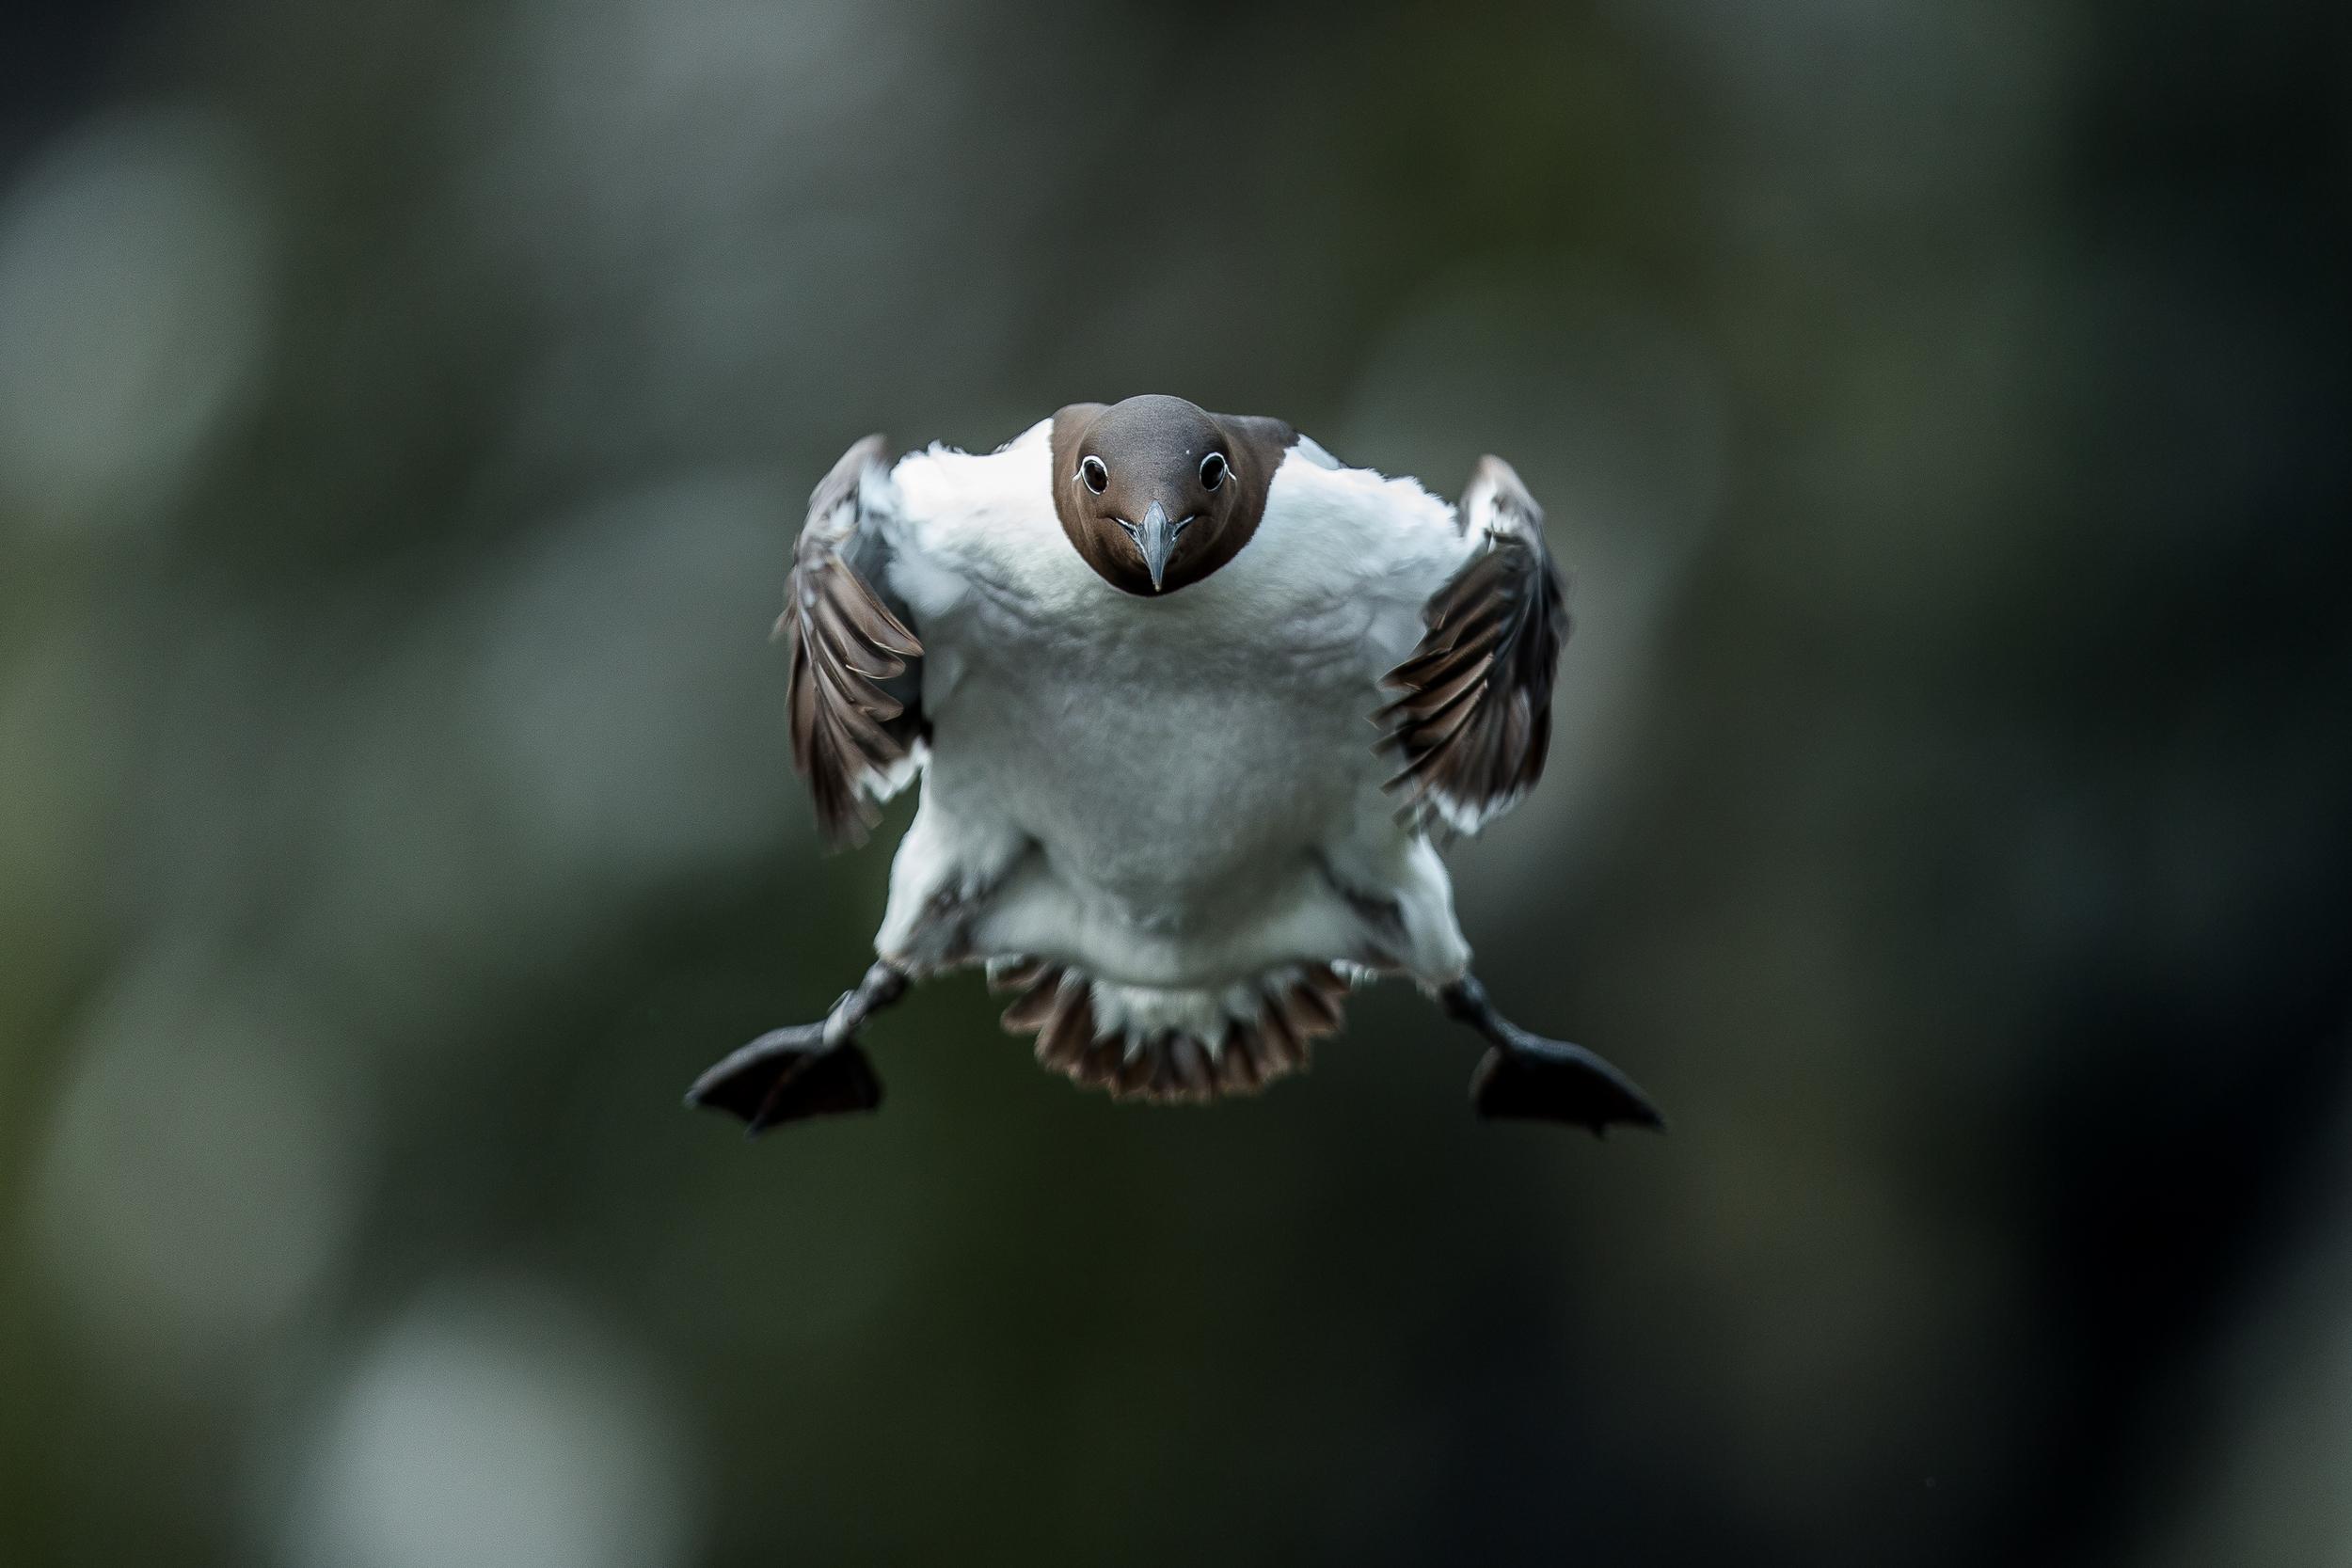 Guillemot de troïl - Ile de lunga - Ecosse